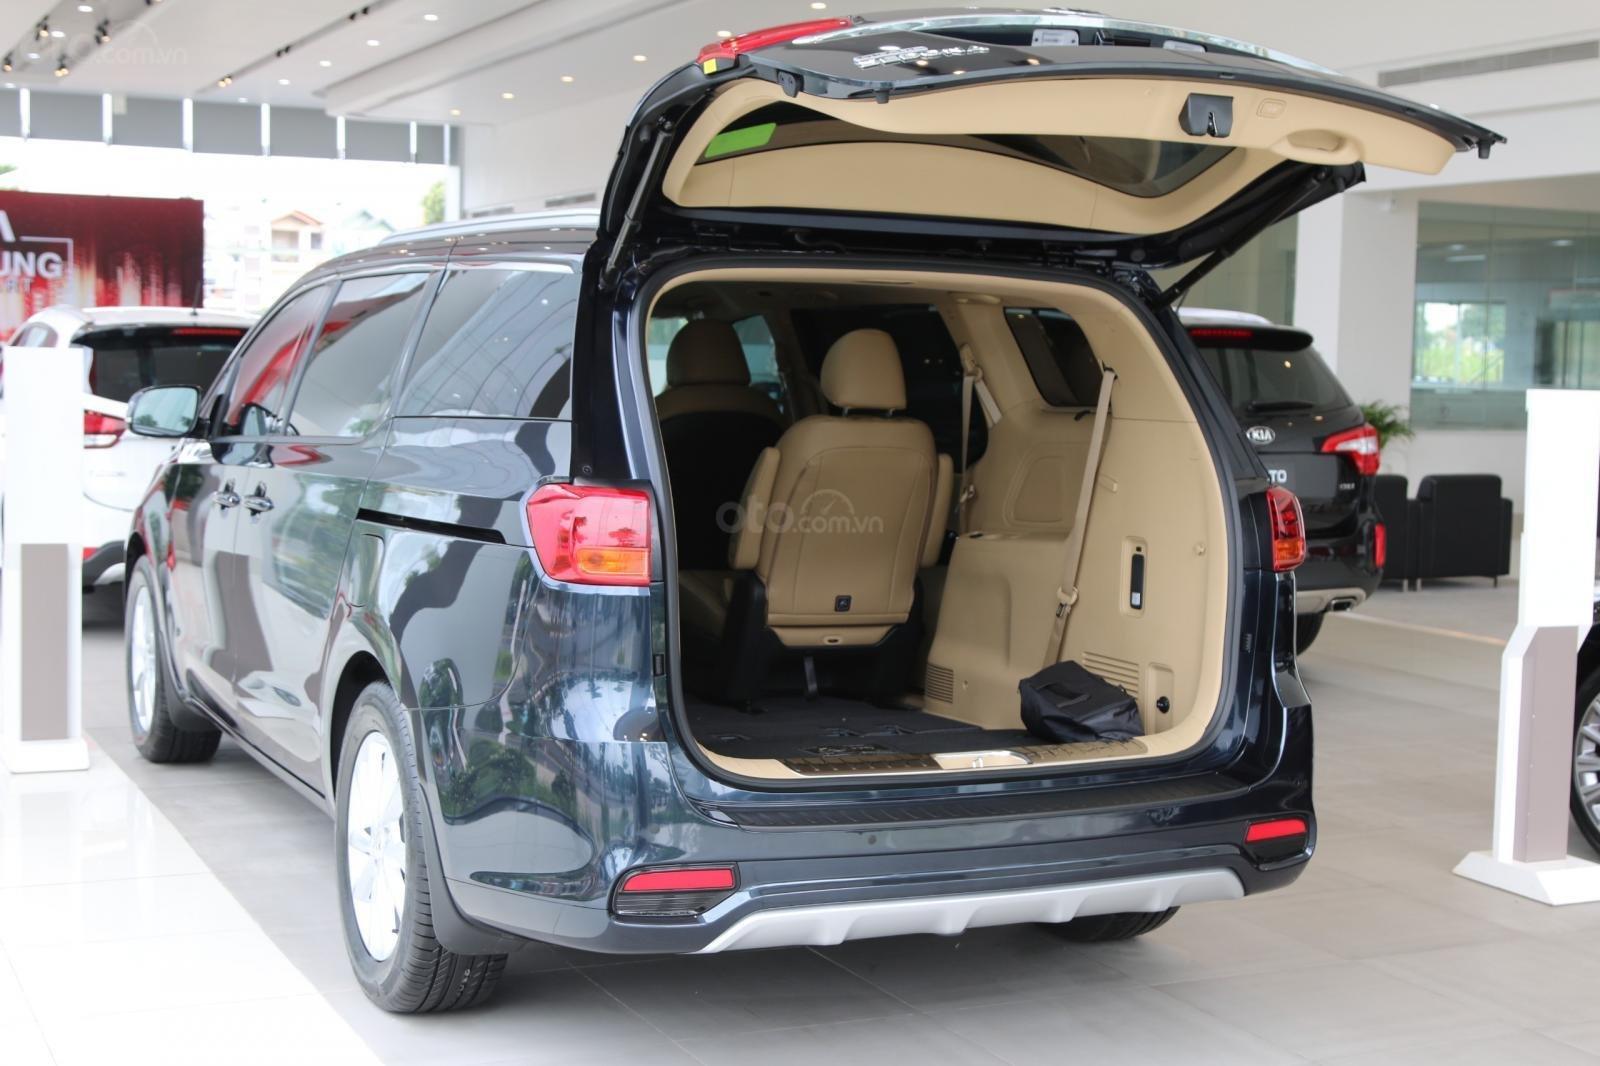 Kia Sedona - giảm giá tiền mặt / tặng bảo hiểm + camera hành trình - liên hệ PKD Kia Bình Tân 093 317 0660 (8)